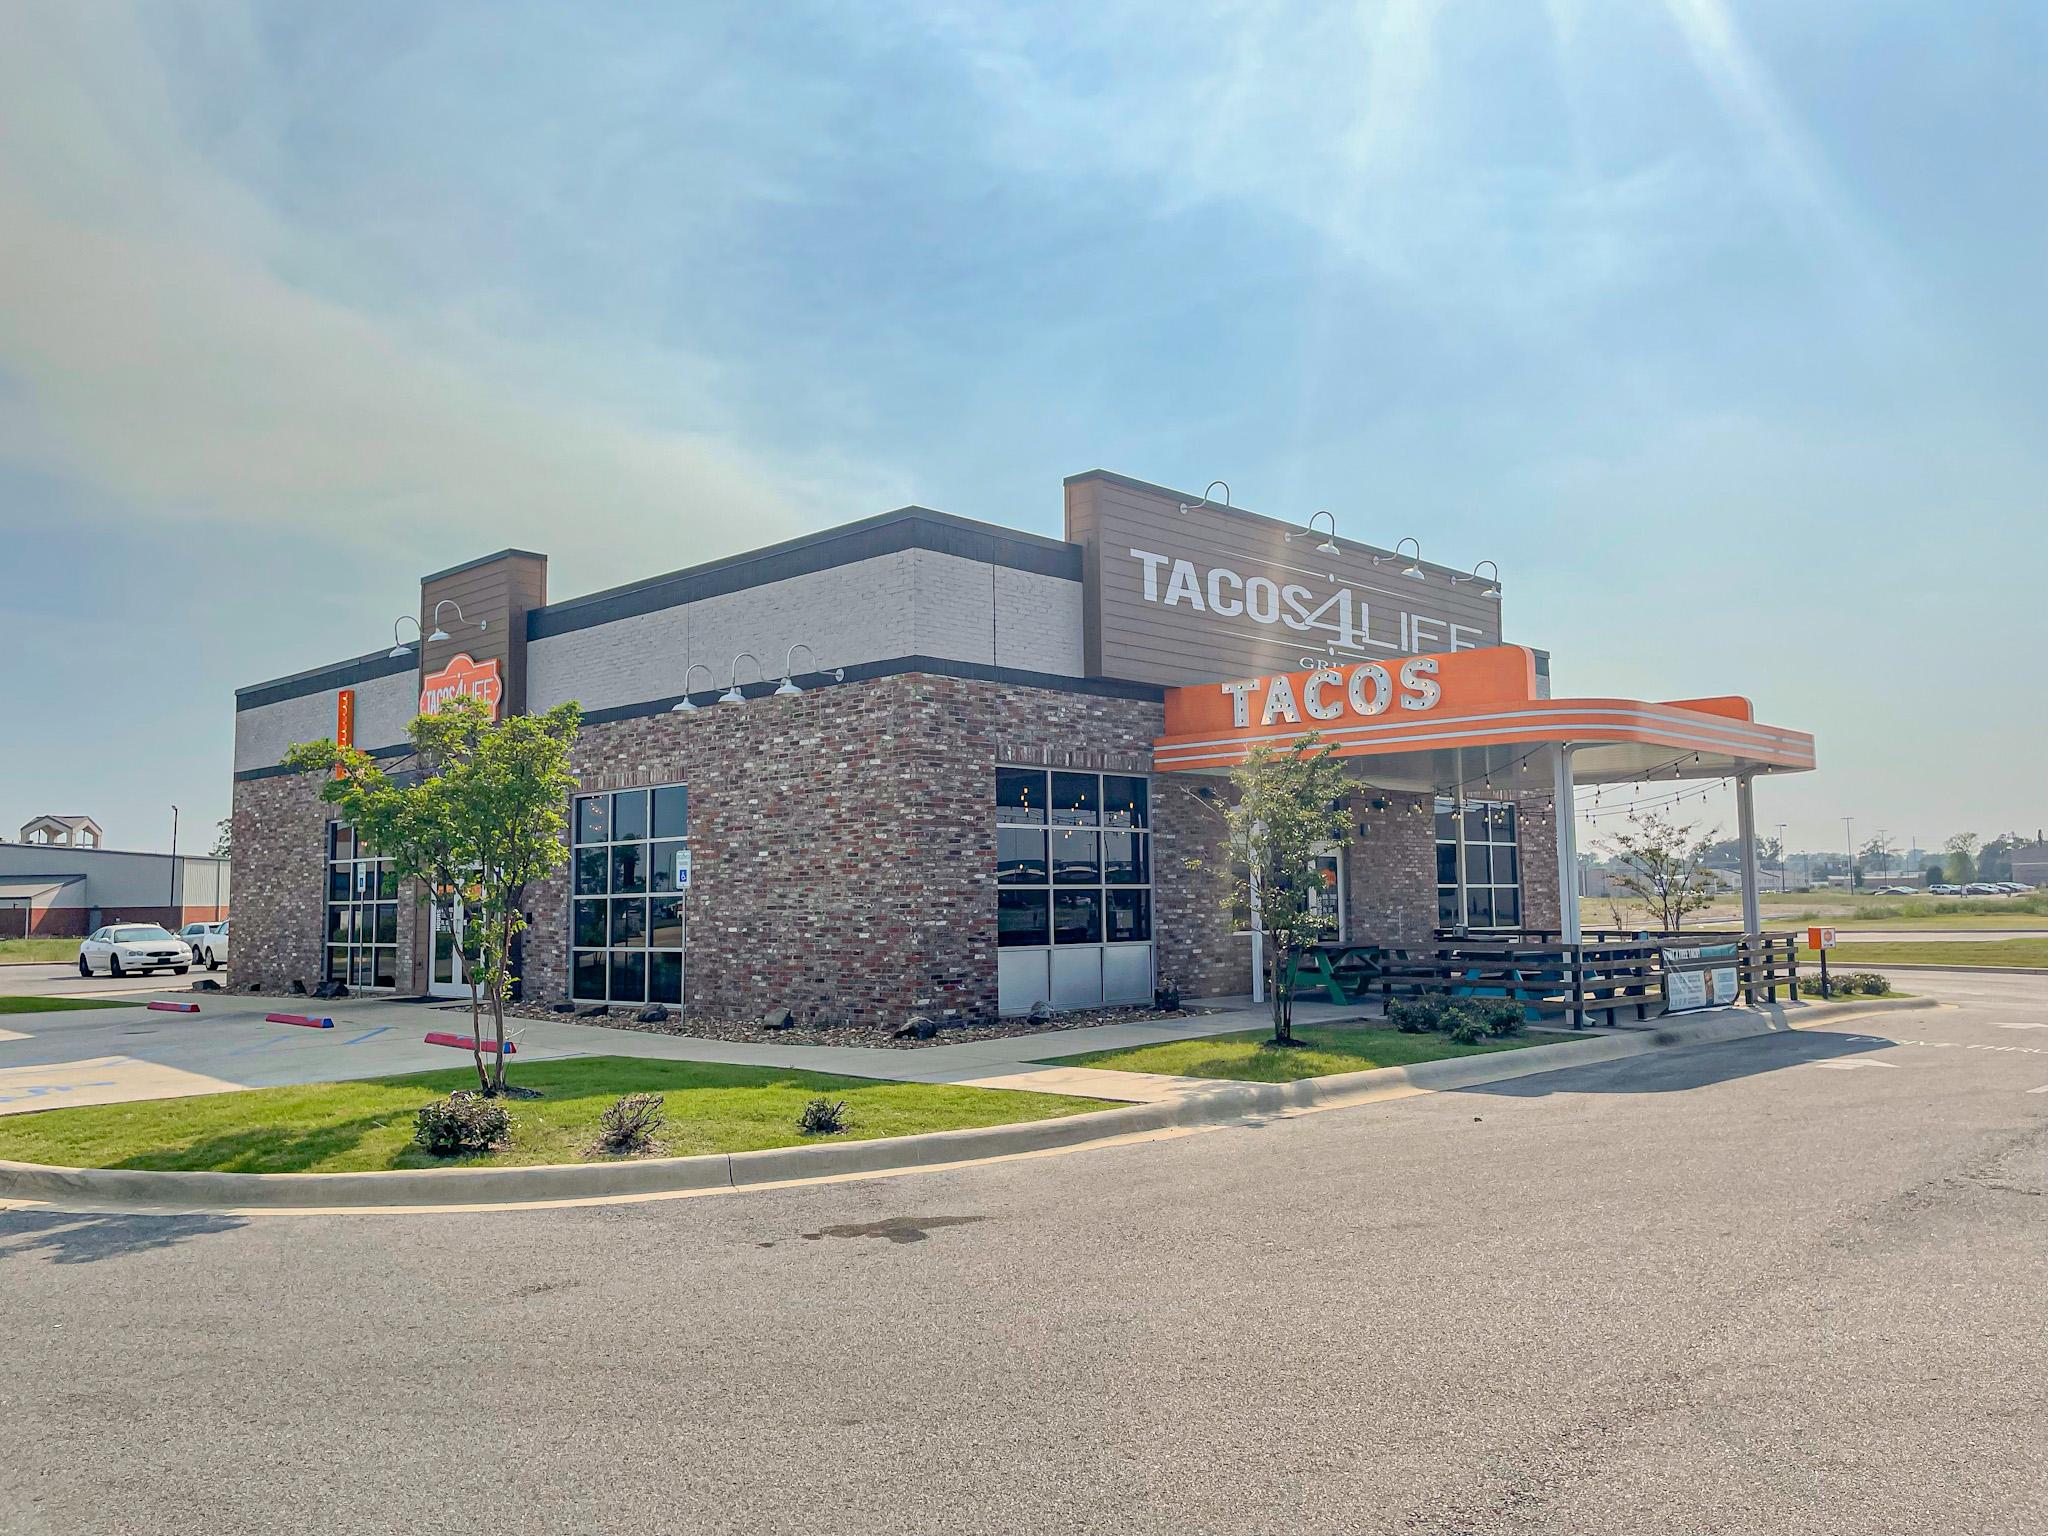 Tacos 4 Life in Jonesboro, AR